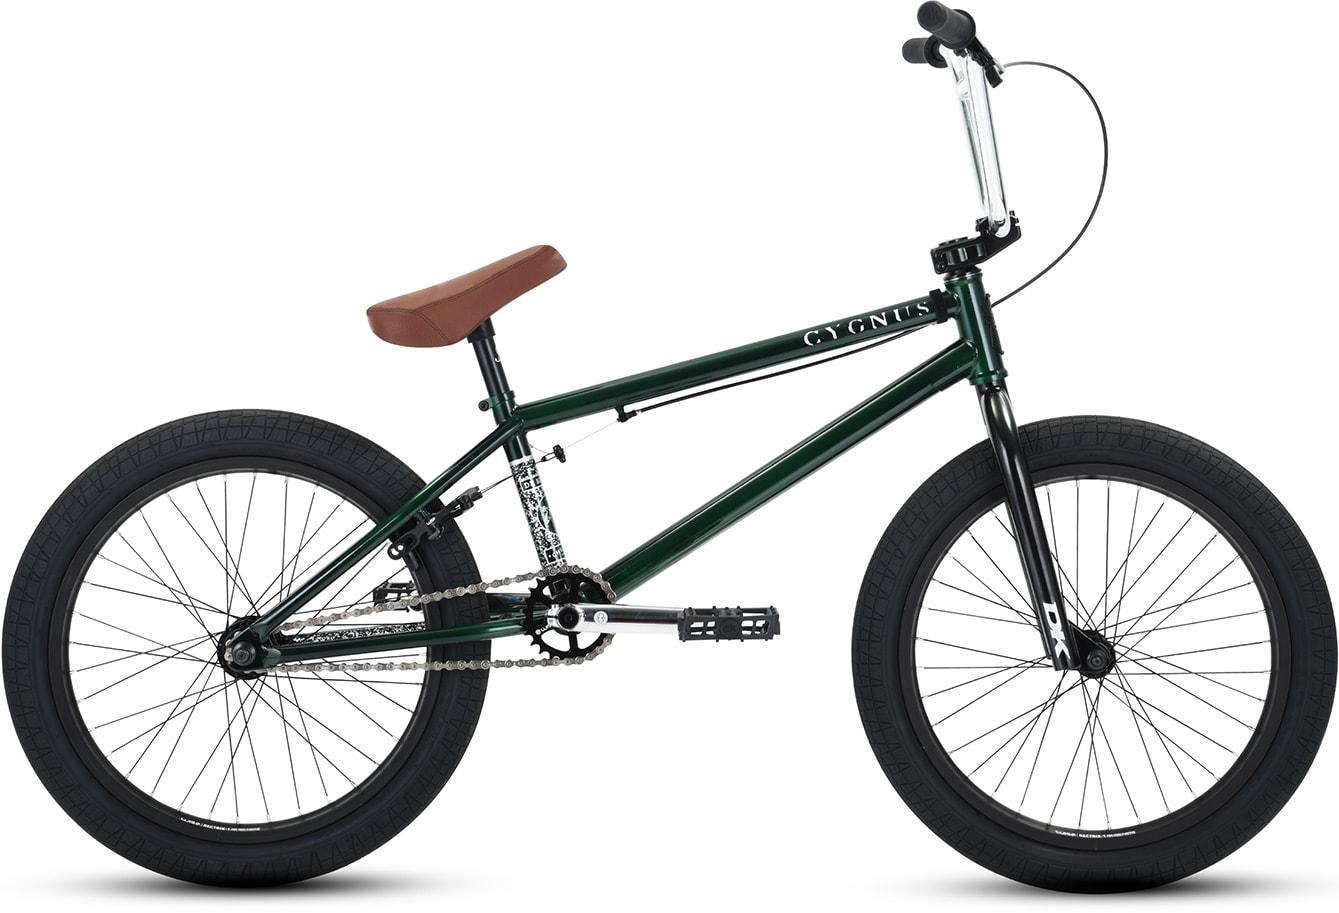 DK Cygnus 20 BMX Bike 2019